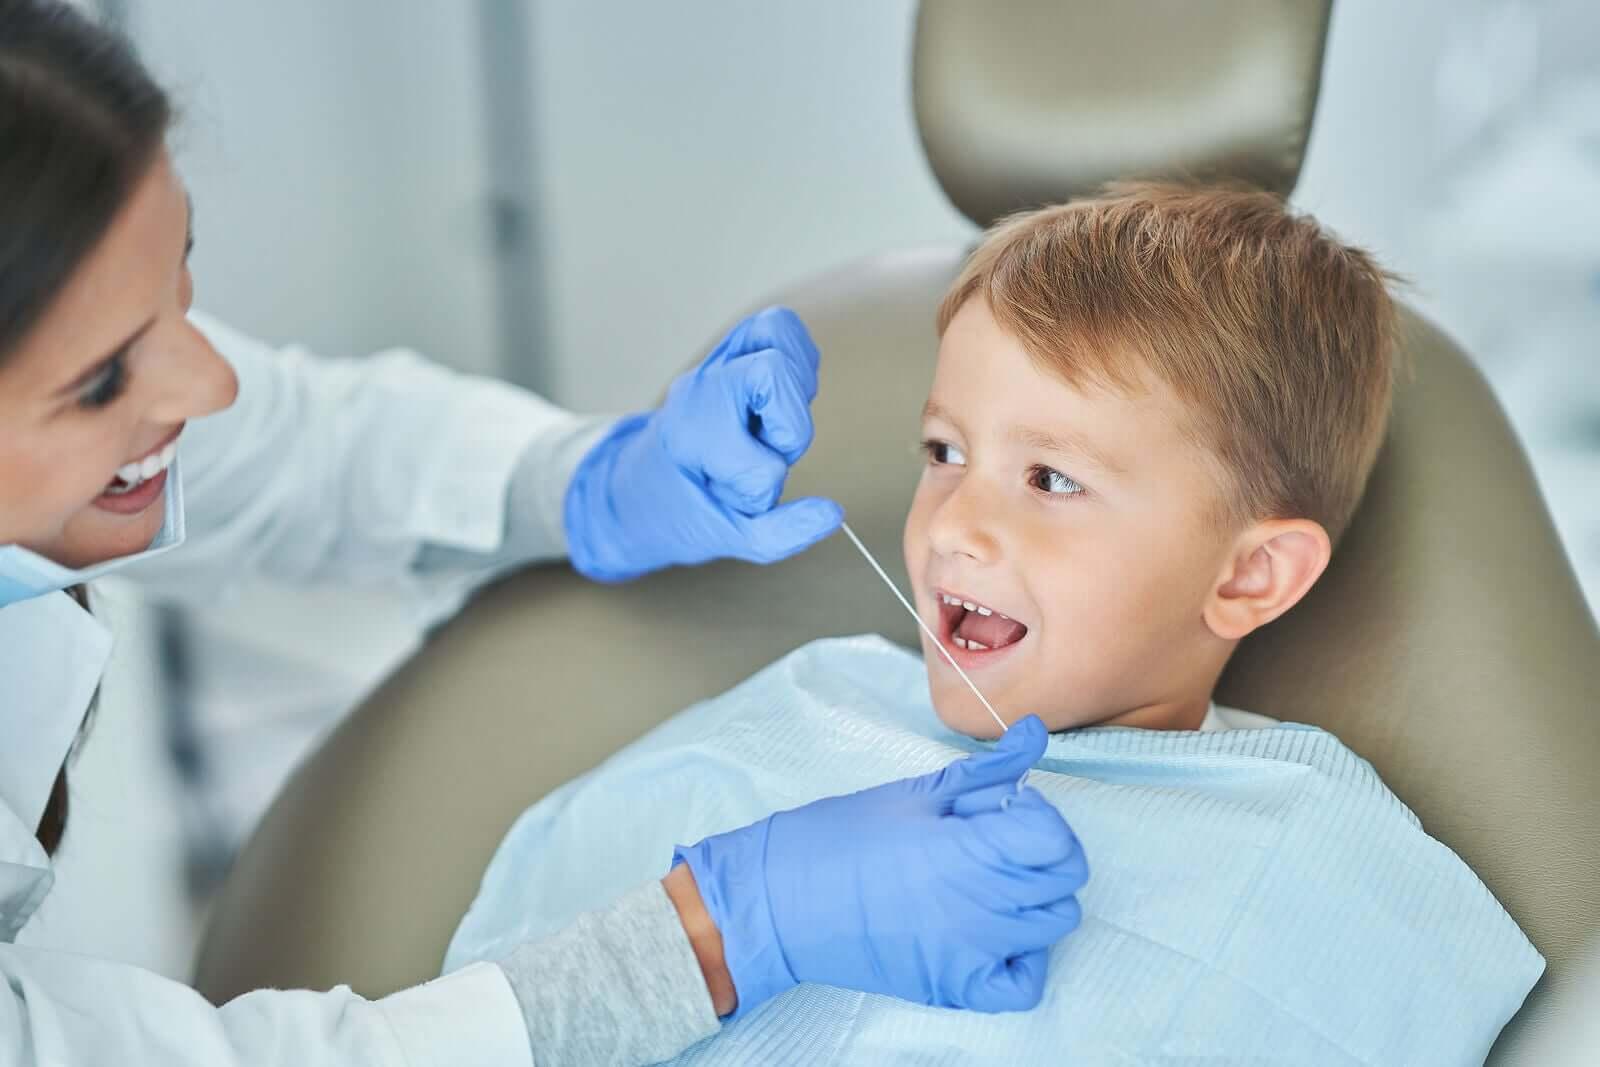 Problemas dentários mais comuns em crianças